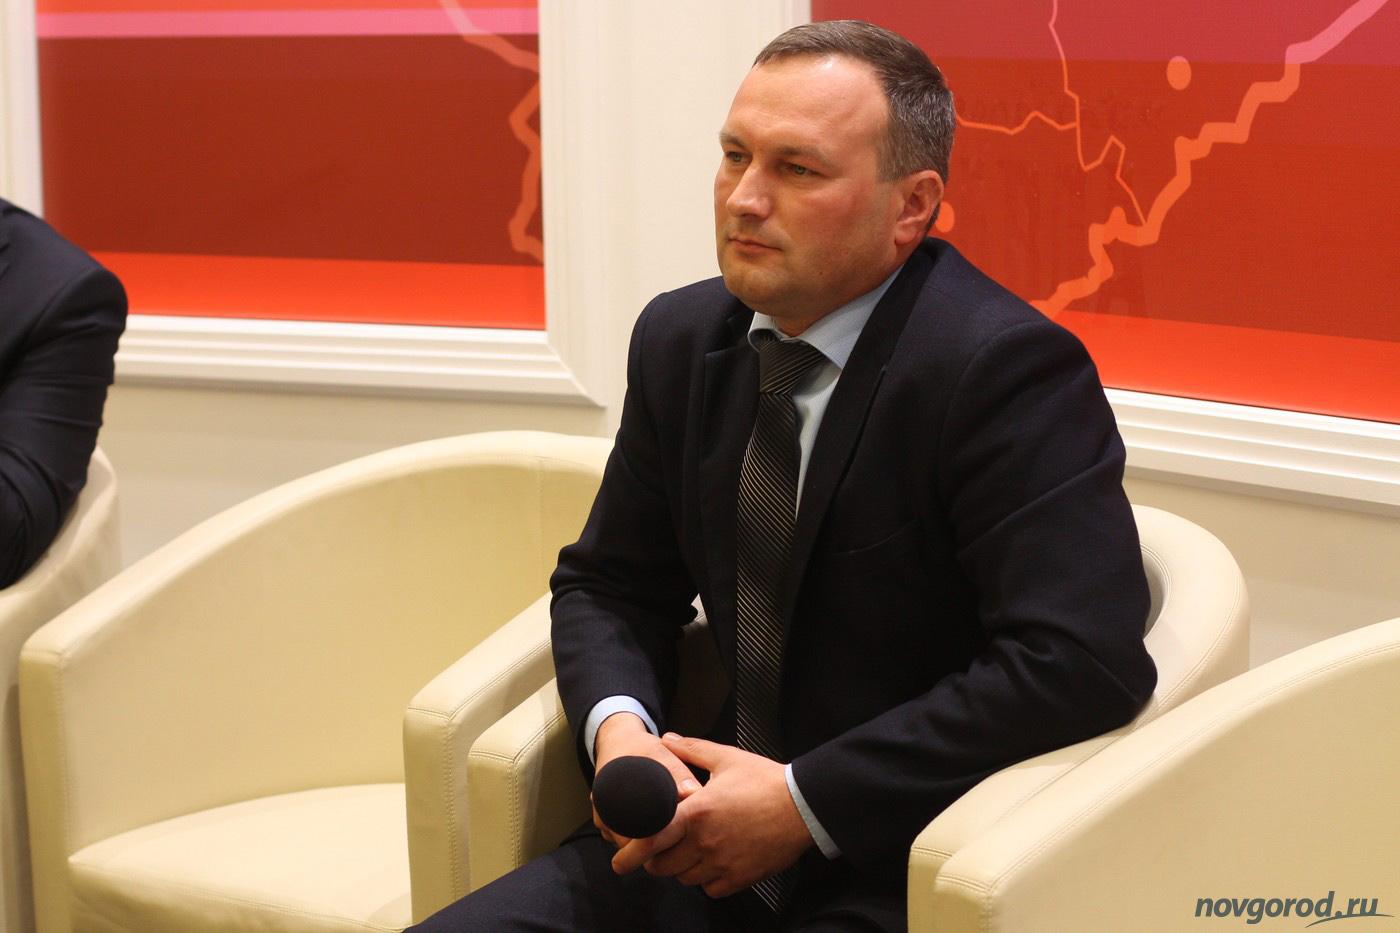 Сергей Бусурин — новый мэр, как результат договорённости губернатора и «Акрона»